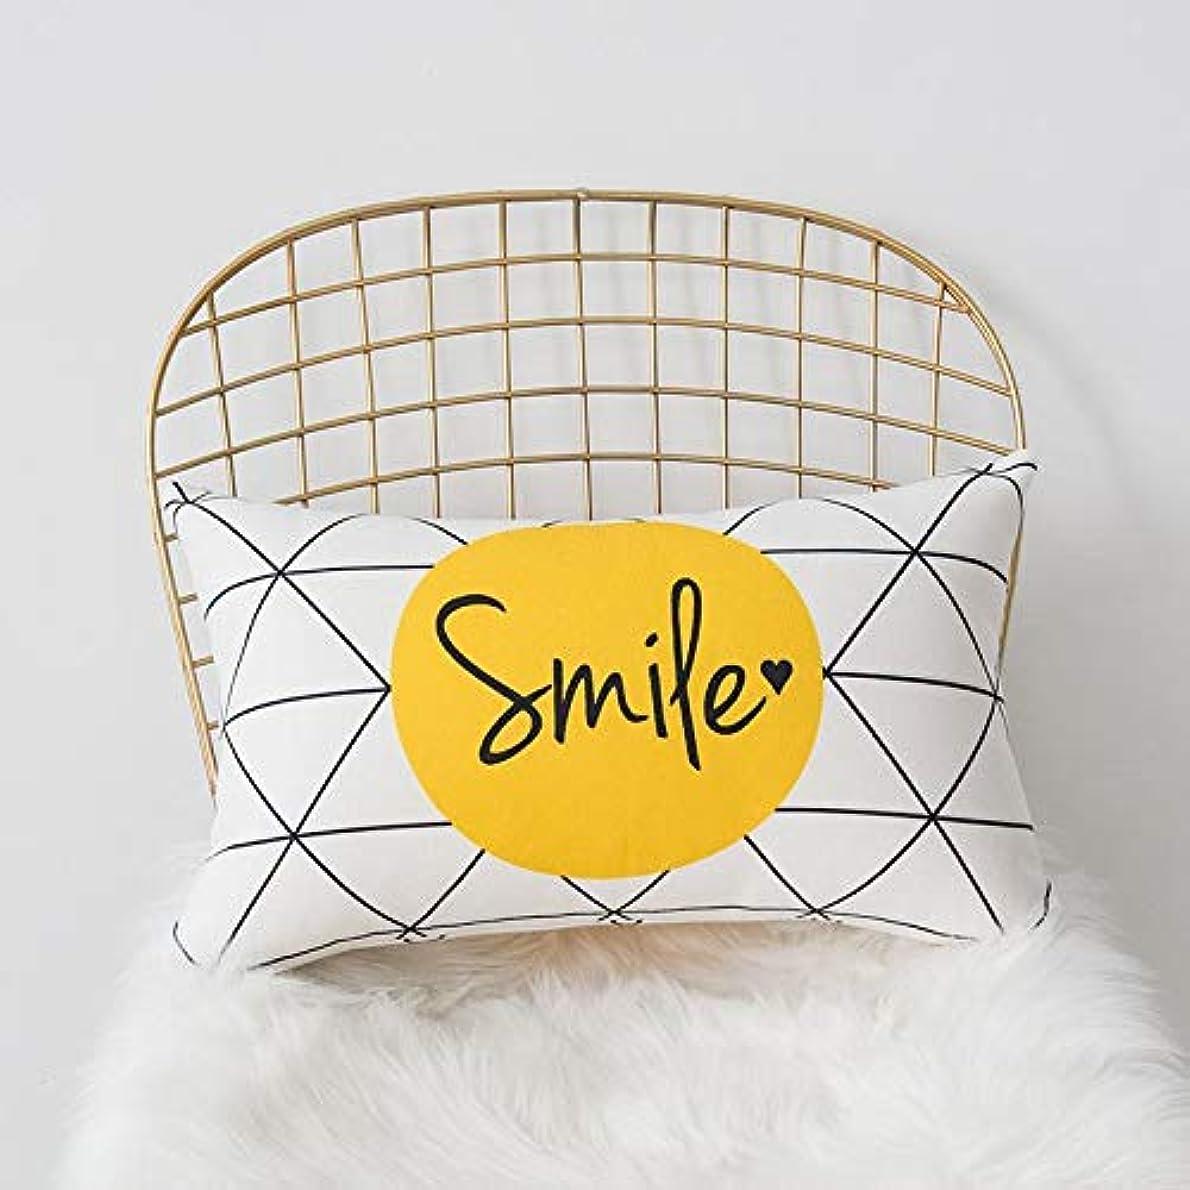 冷えるみぞれ土砂降りLIFE 黄色グレー枕北欧スタイル黄色ヘラジカ幾何枕リビングルームのインテリアソファクッション Cojines 装飾良質 クッション 椅子